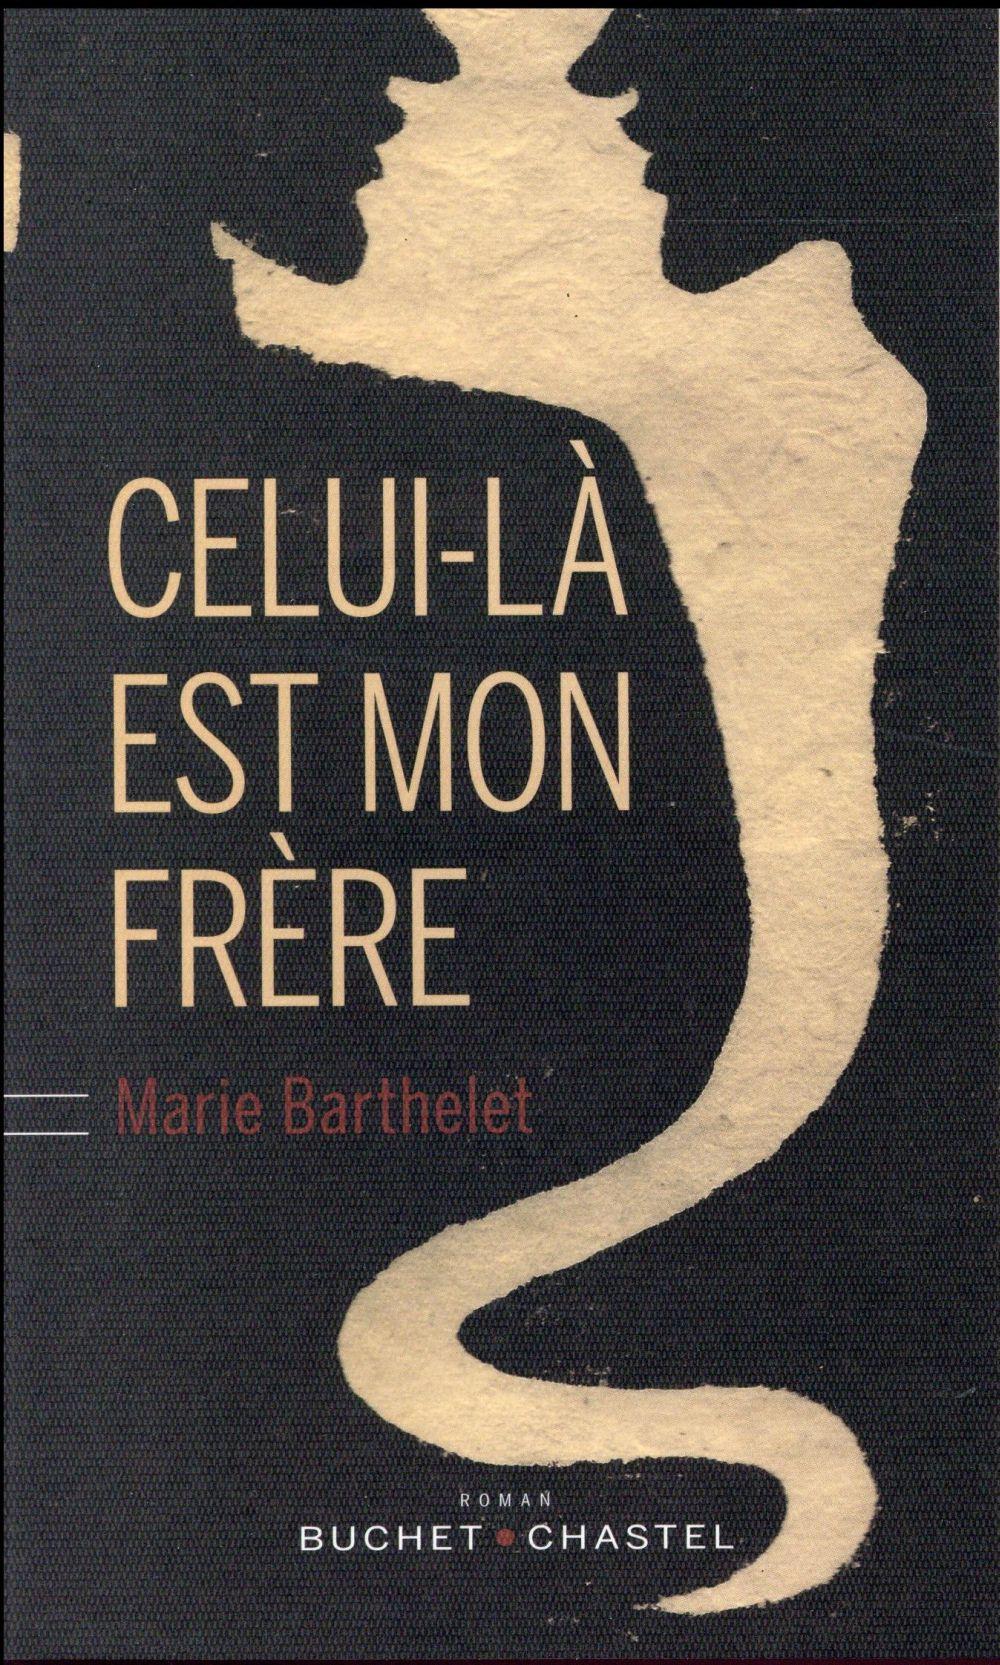 """La critique des lecteurs pour """"Celui-là est mon frère"""" de Marie Barthelet"""